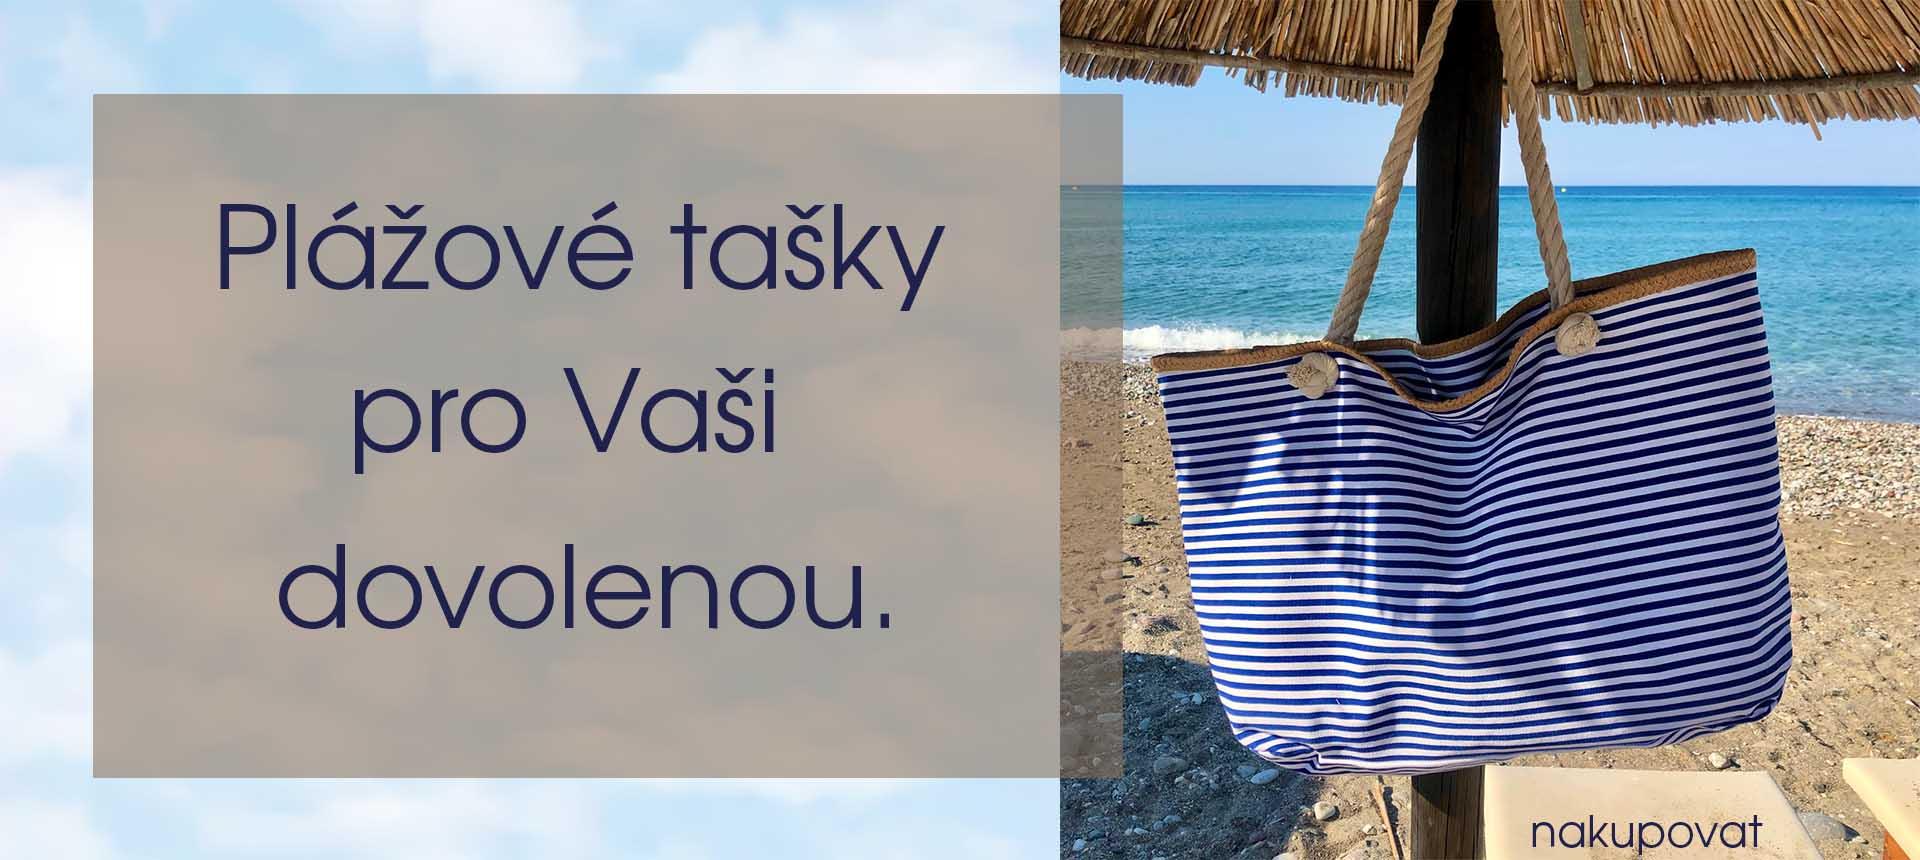 Plážové tašky pro Vaši dovolenou.